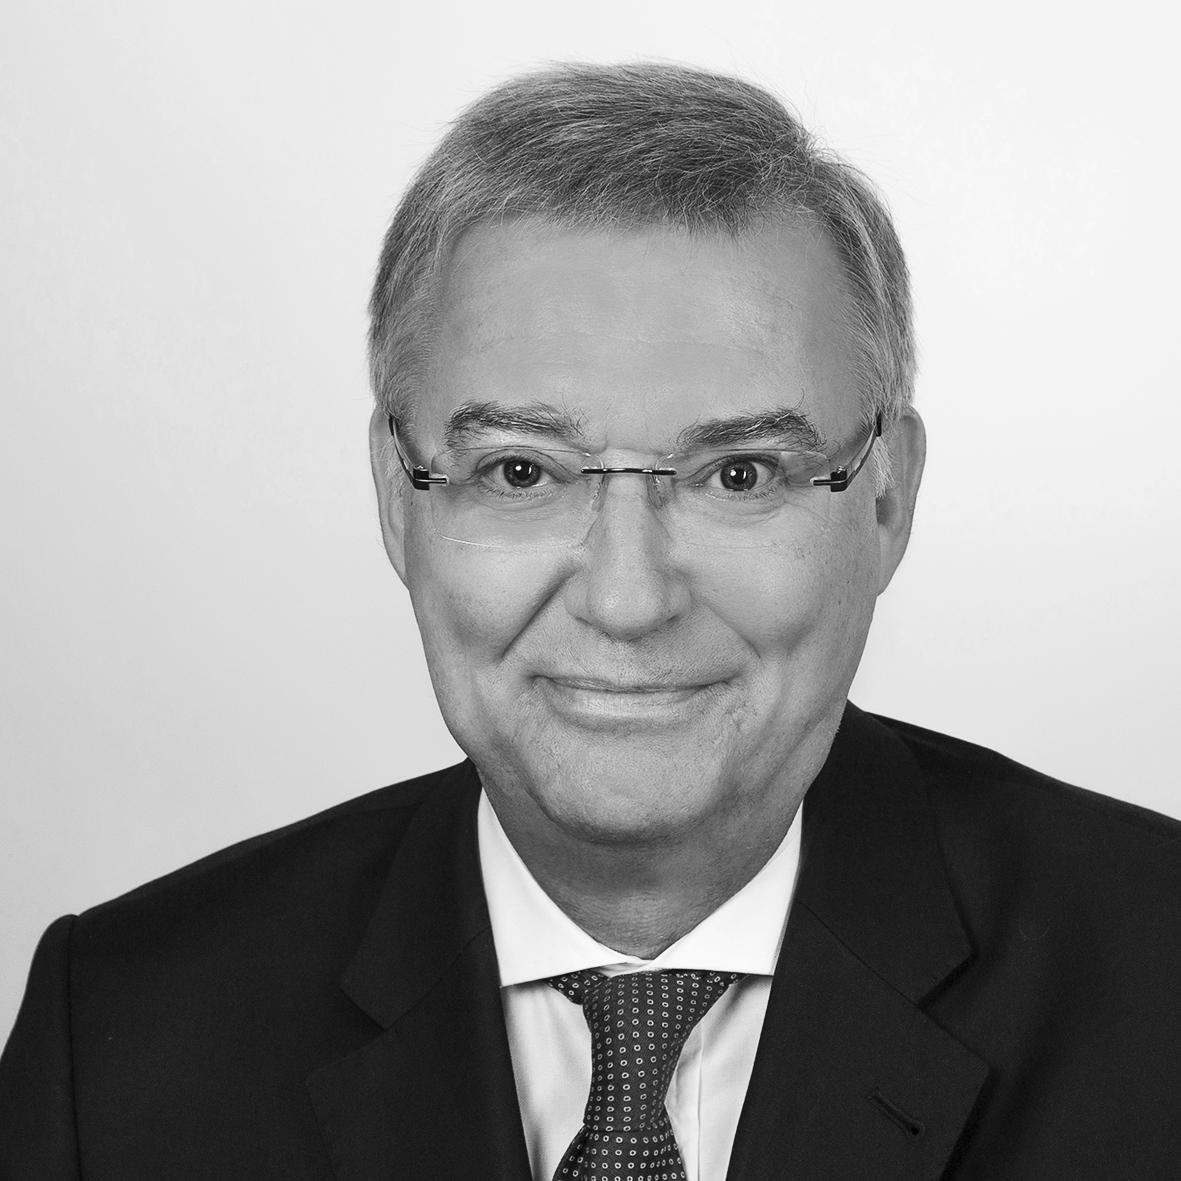 Hans - Jochen Lorenzen